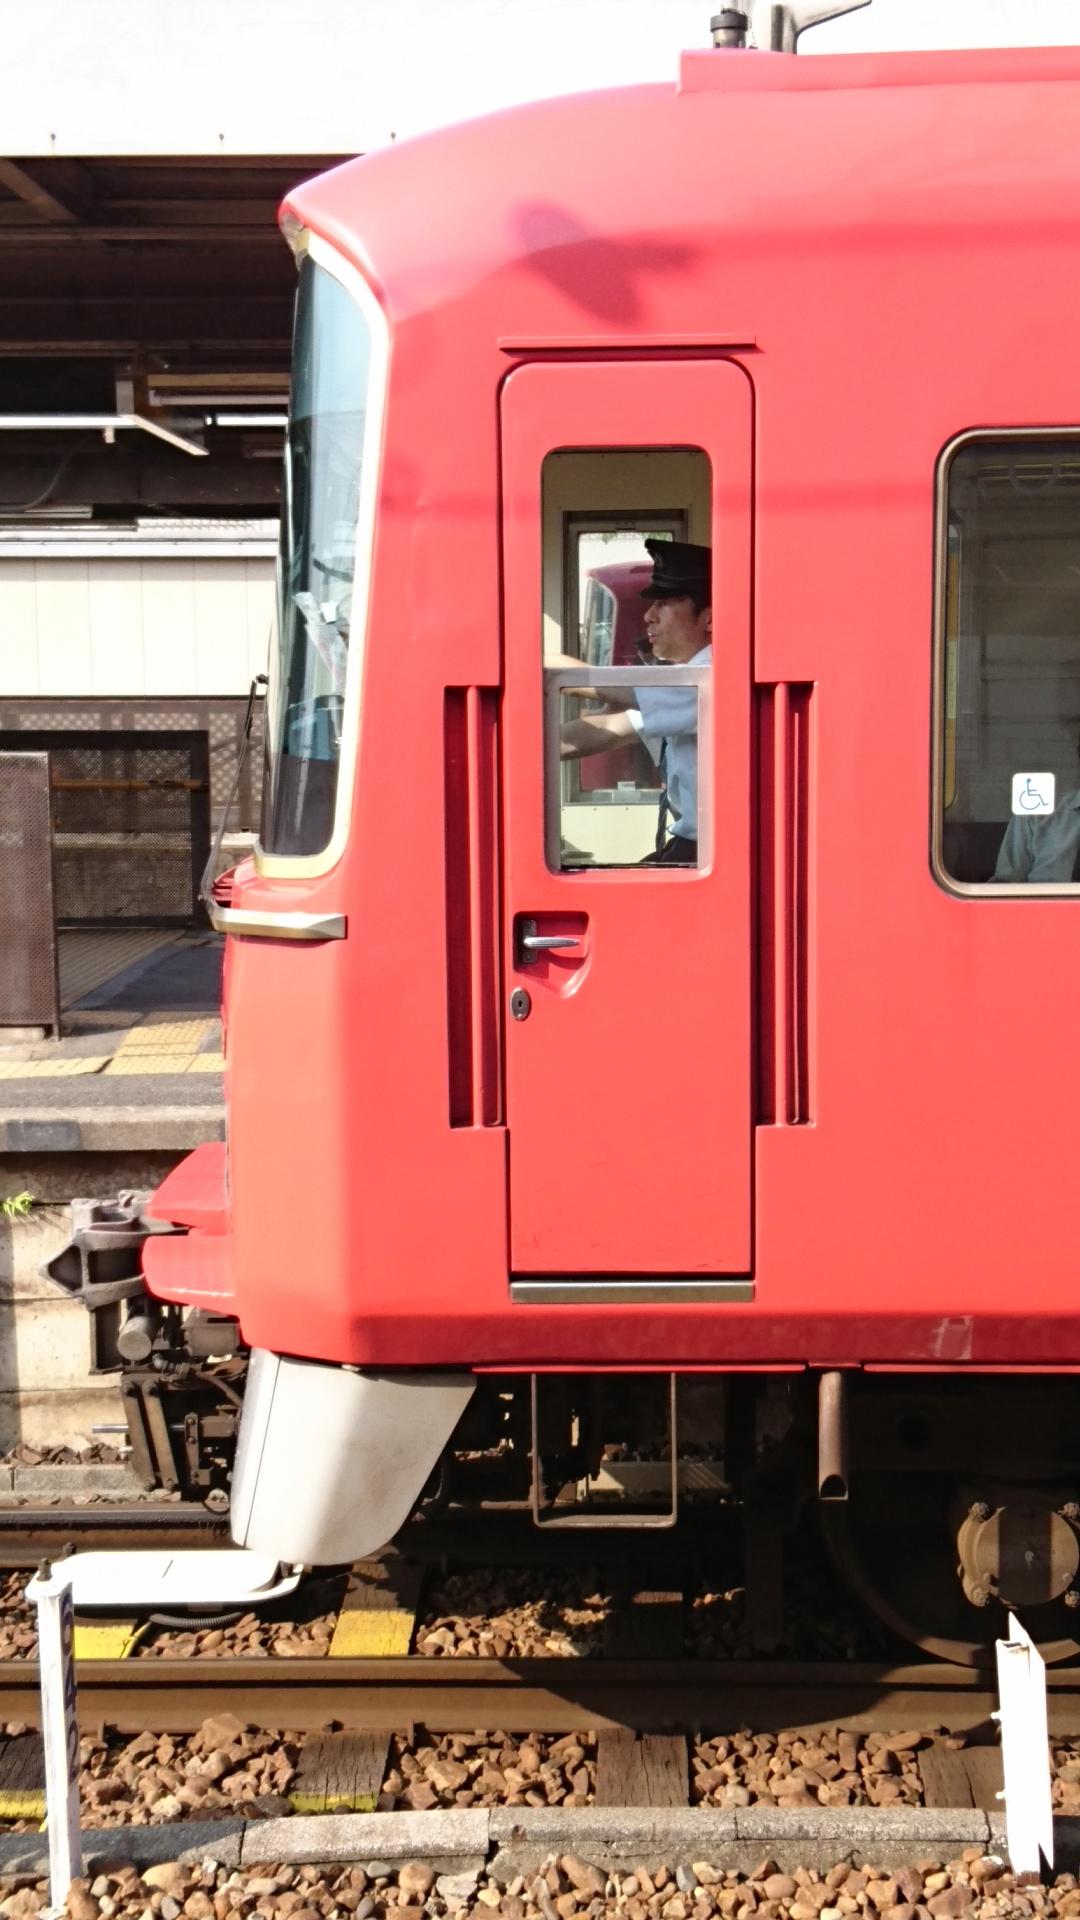 2017.5.14 名古屋 (33) しんあんじょう - 岩倉いきふつう 1080-1920